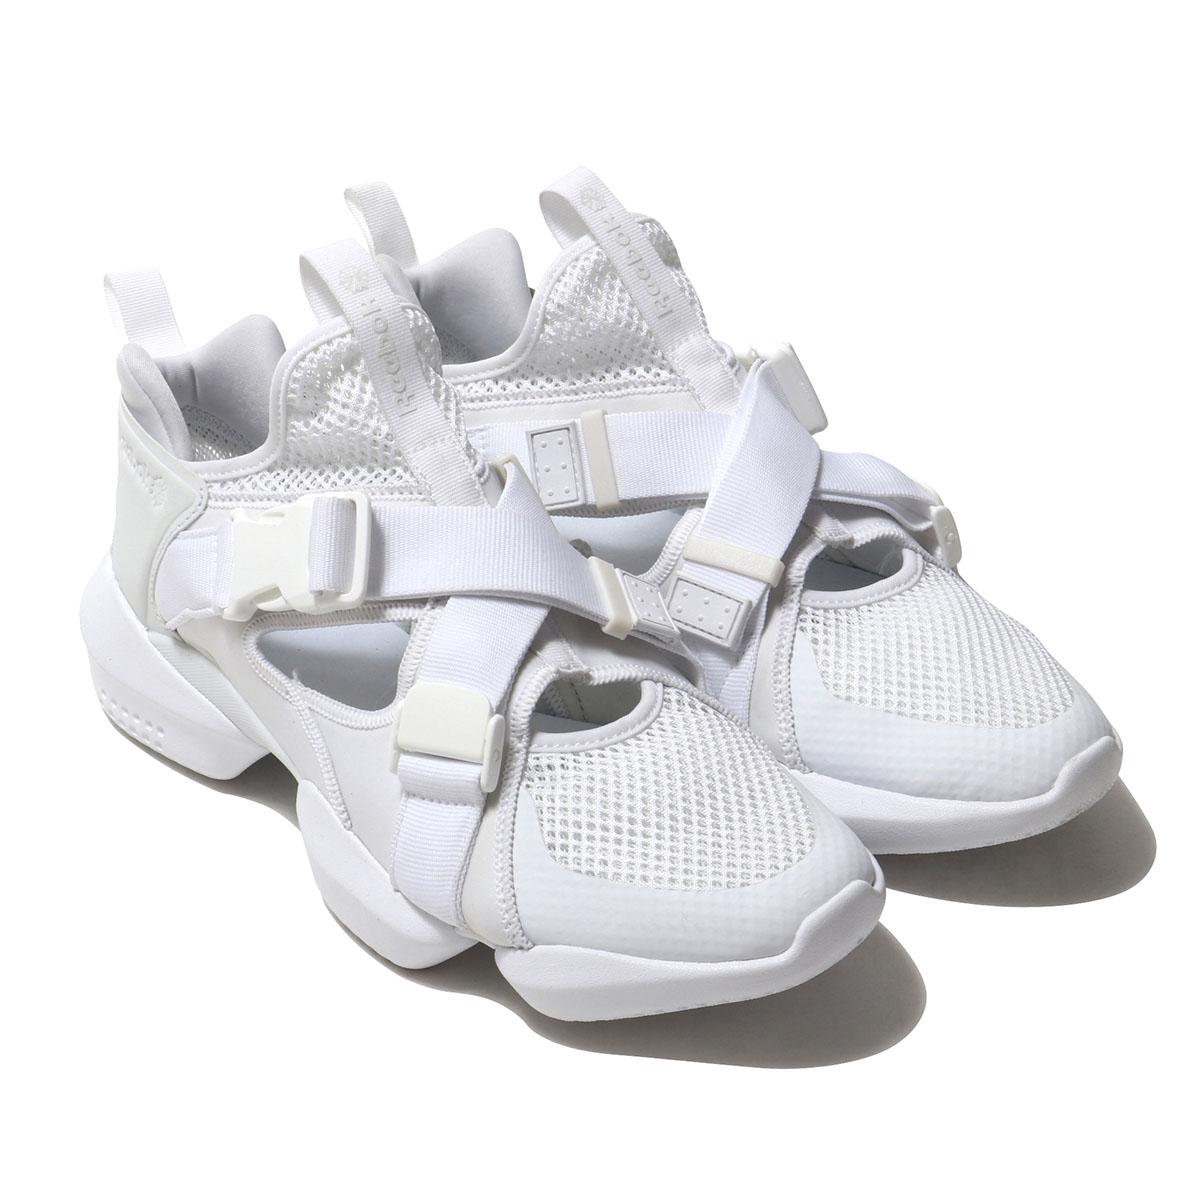 Reebok 3D OP. S-STRP (リーボック 3D OP. S-STRP)WHITE / TRUE GRAY【メンズ レディース スニーカー】19SS-I